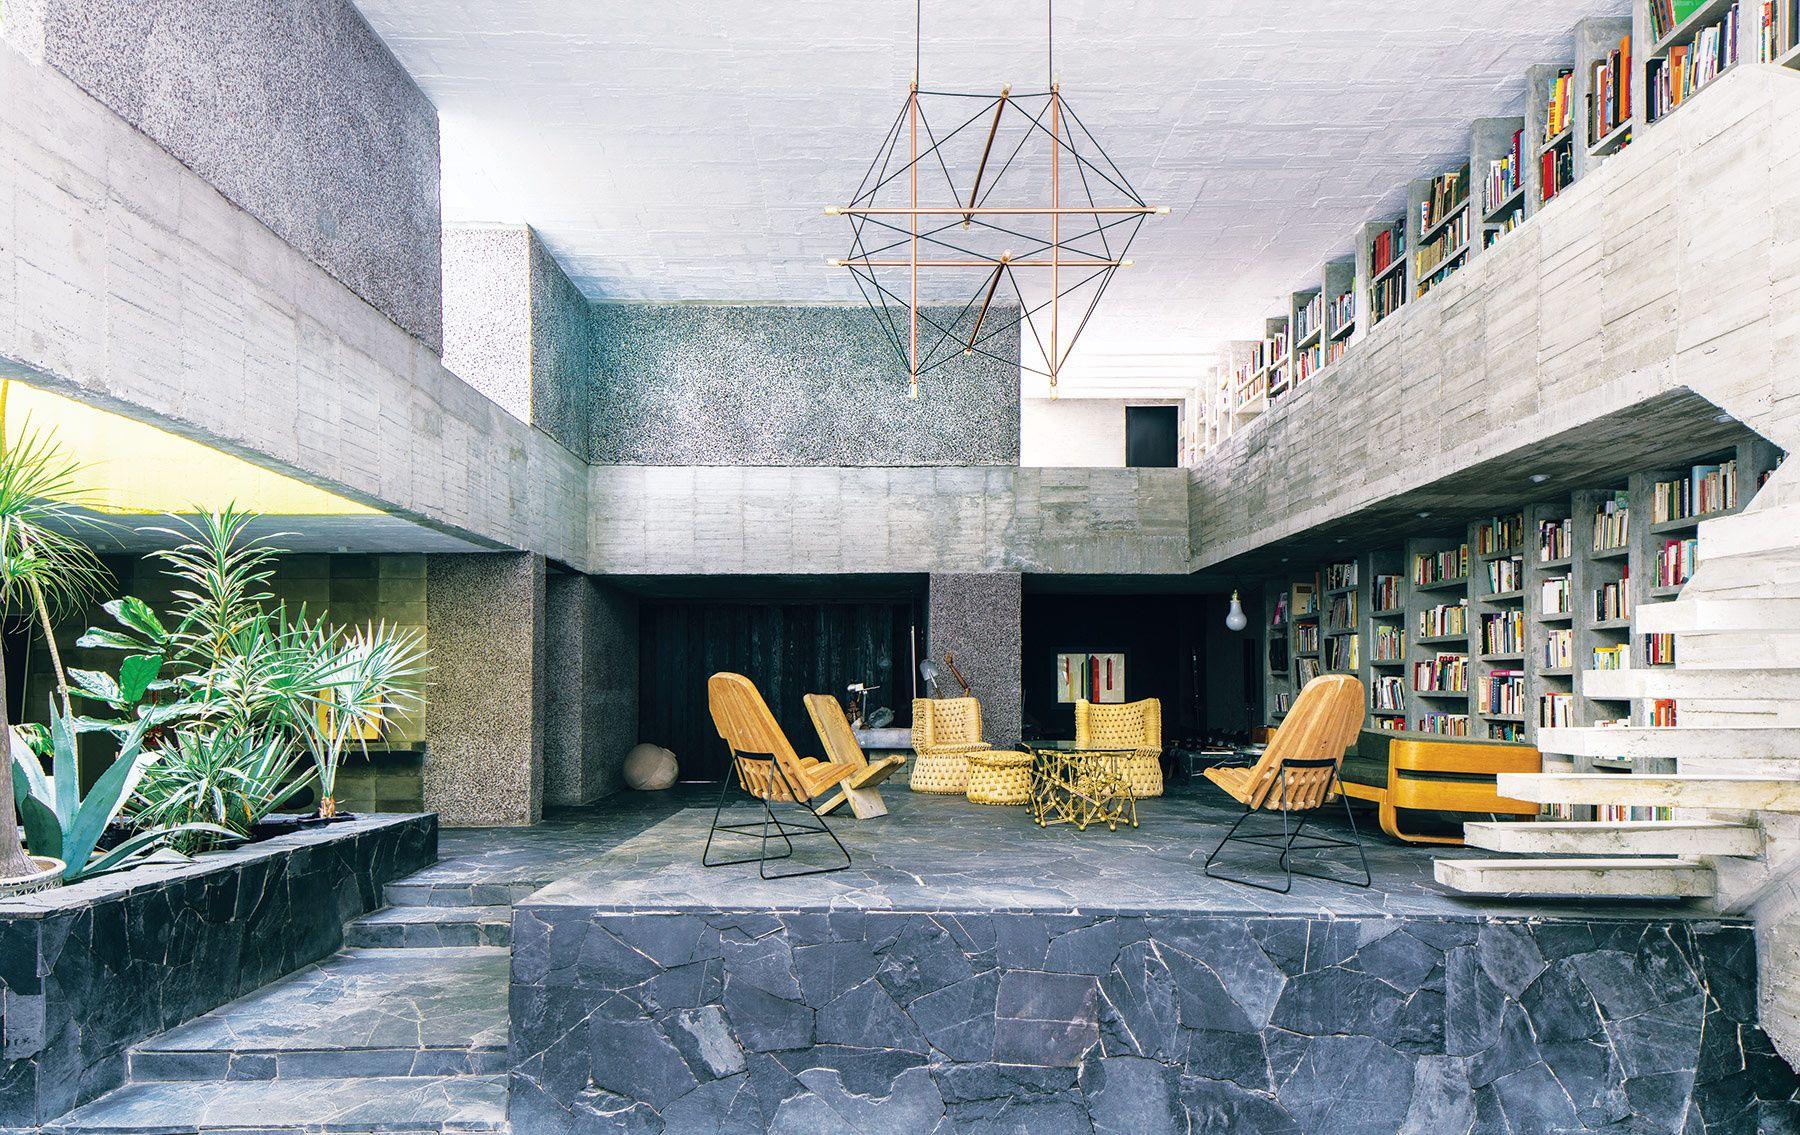 Casa de Pedro Reyes en México - Inspiración brutalista | Galería de fotos 1 de 11 | AD MX